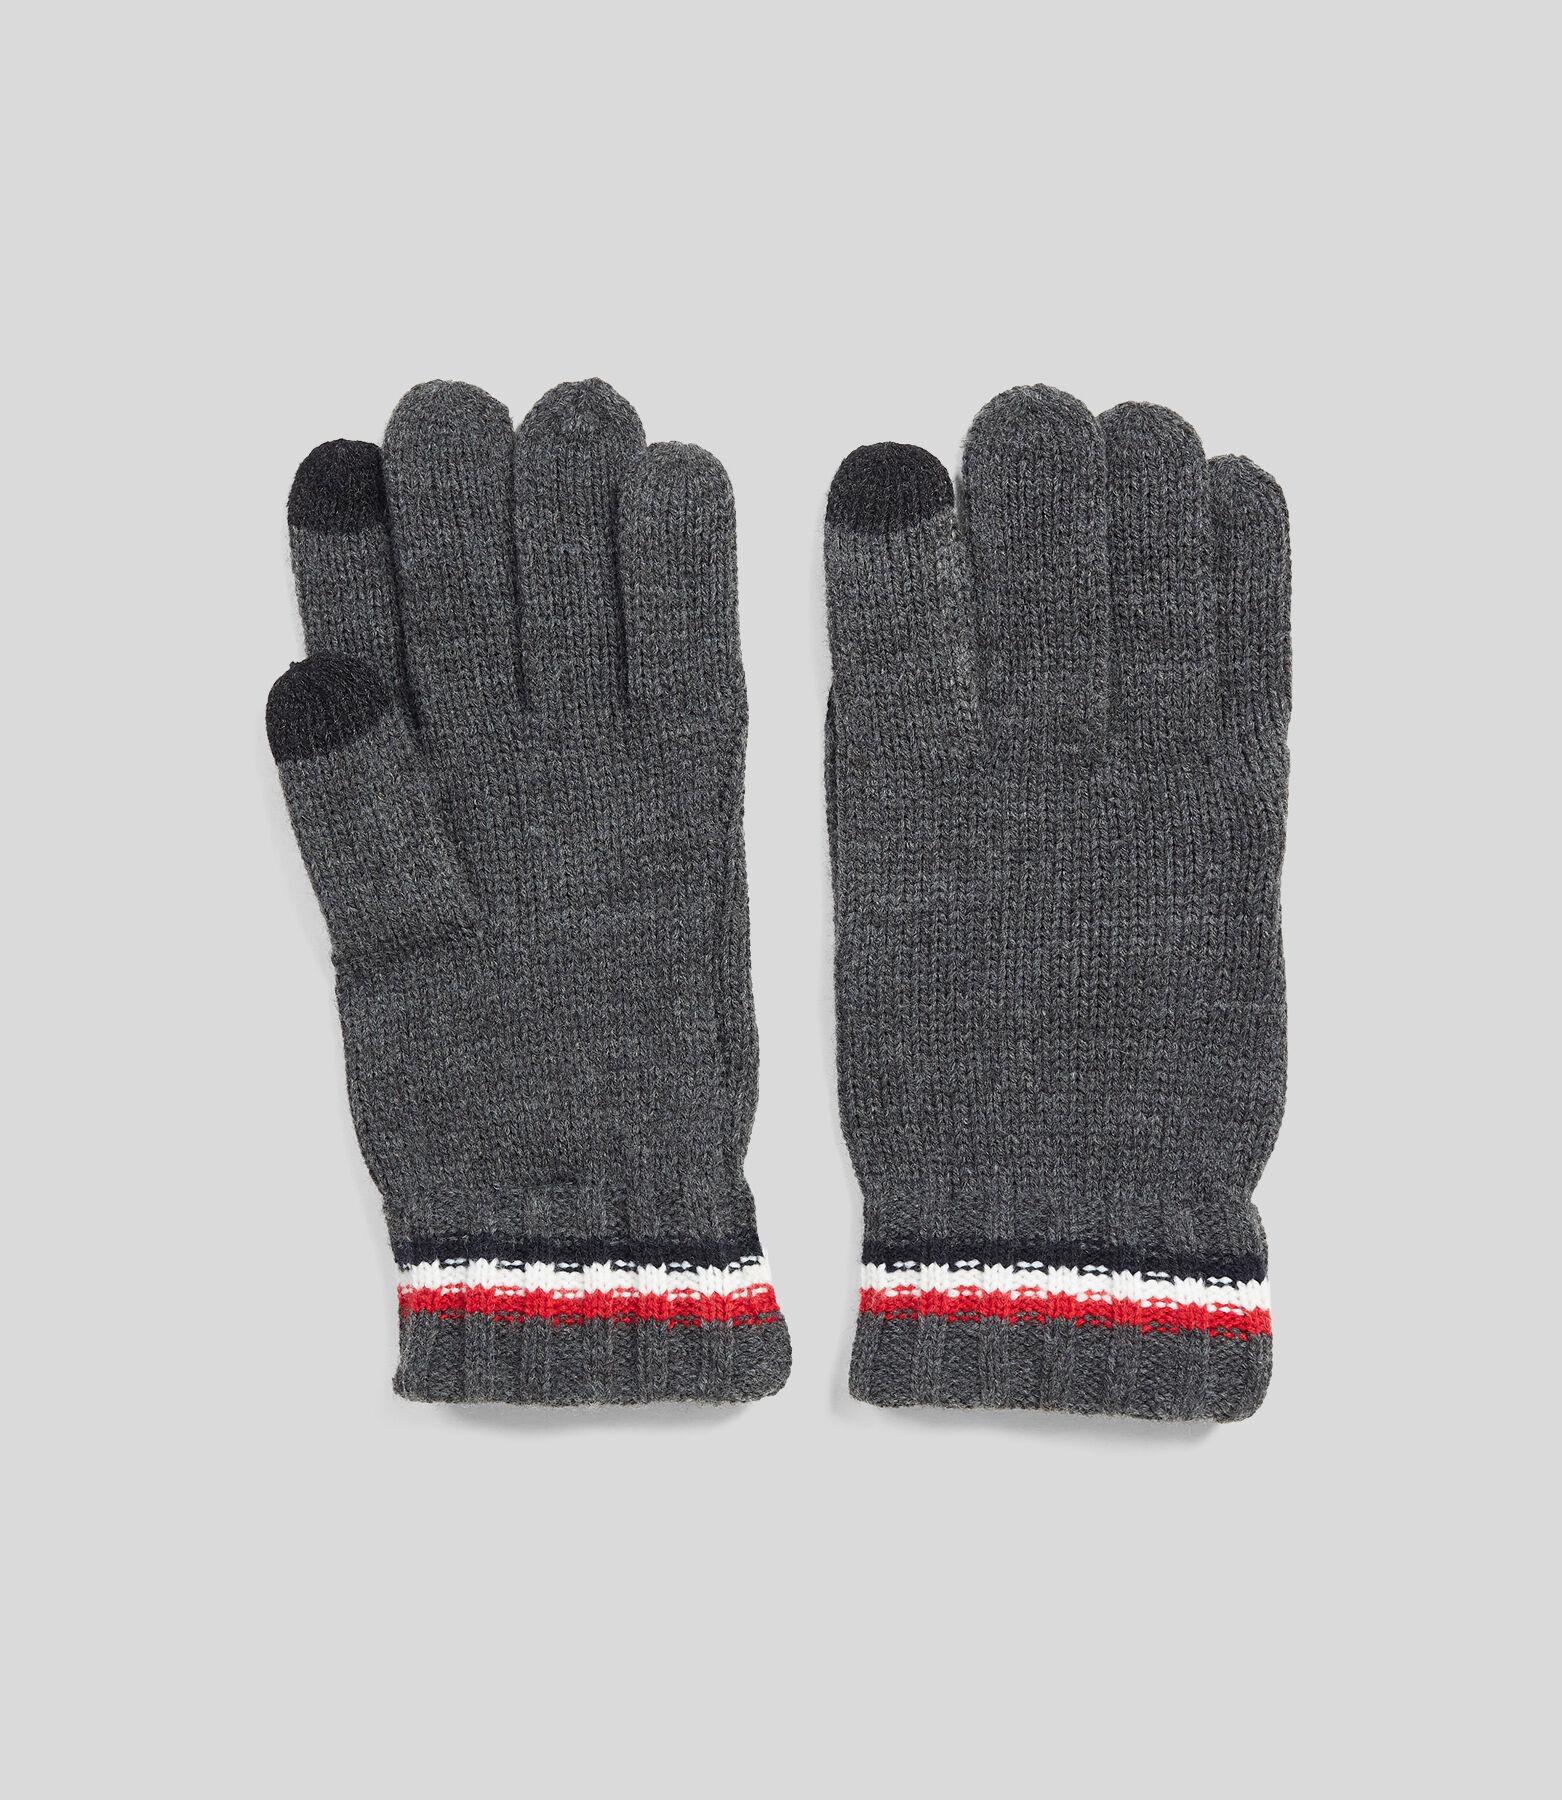 Handschoenen in tricot, geschikt voor touchcreen